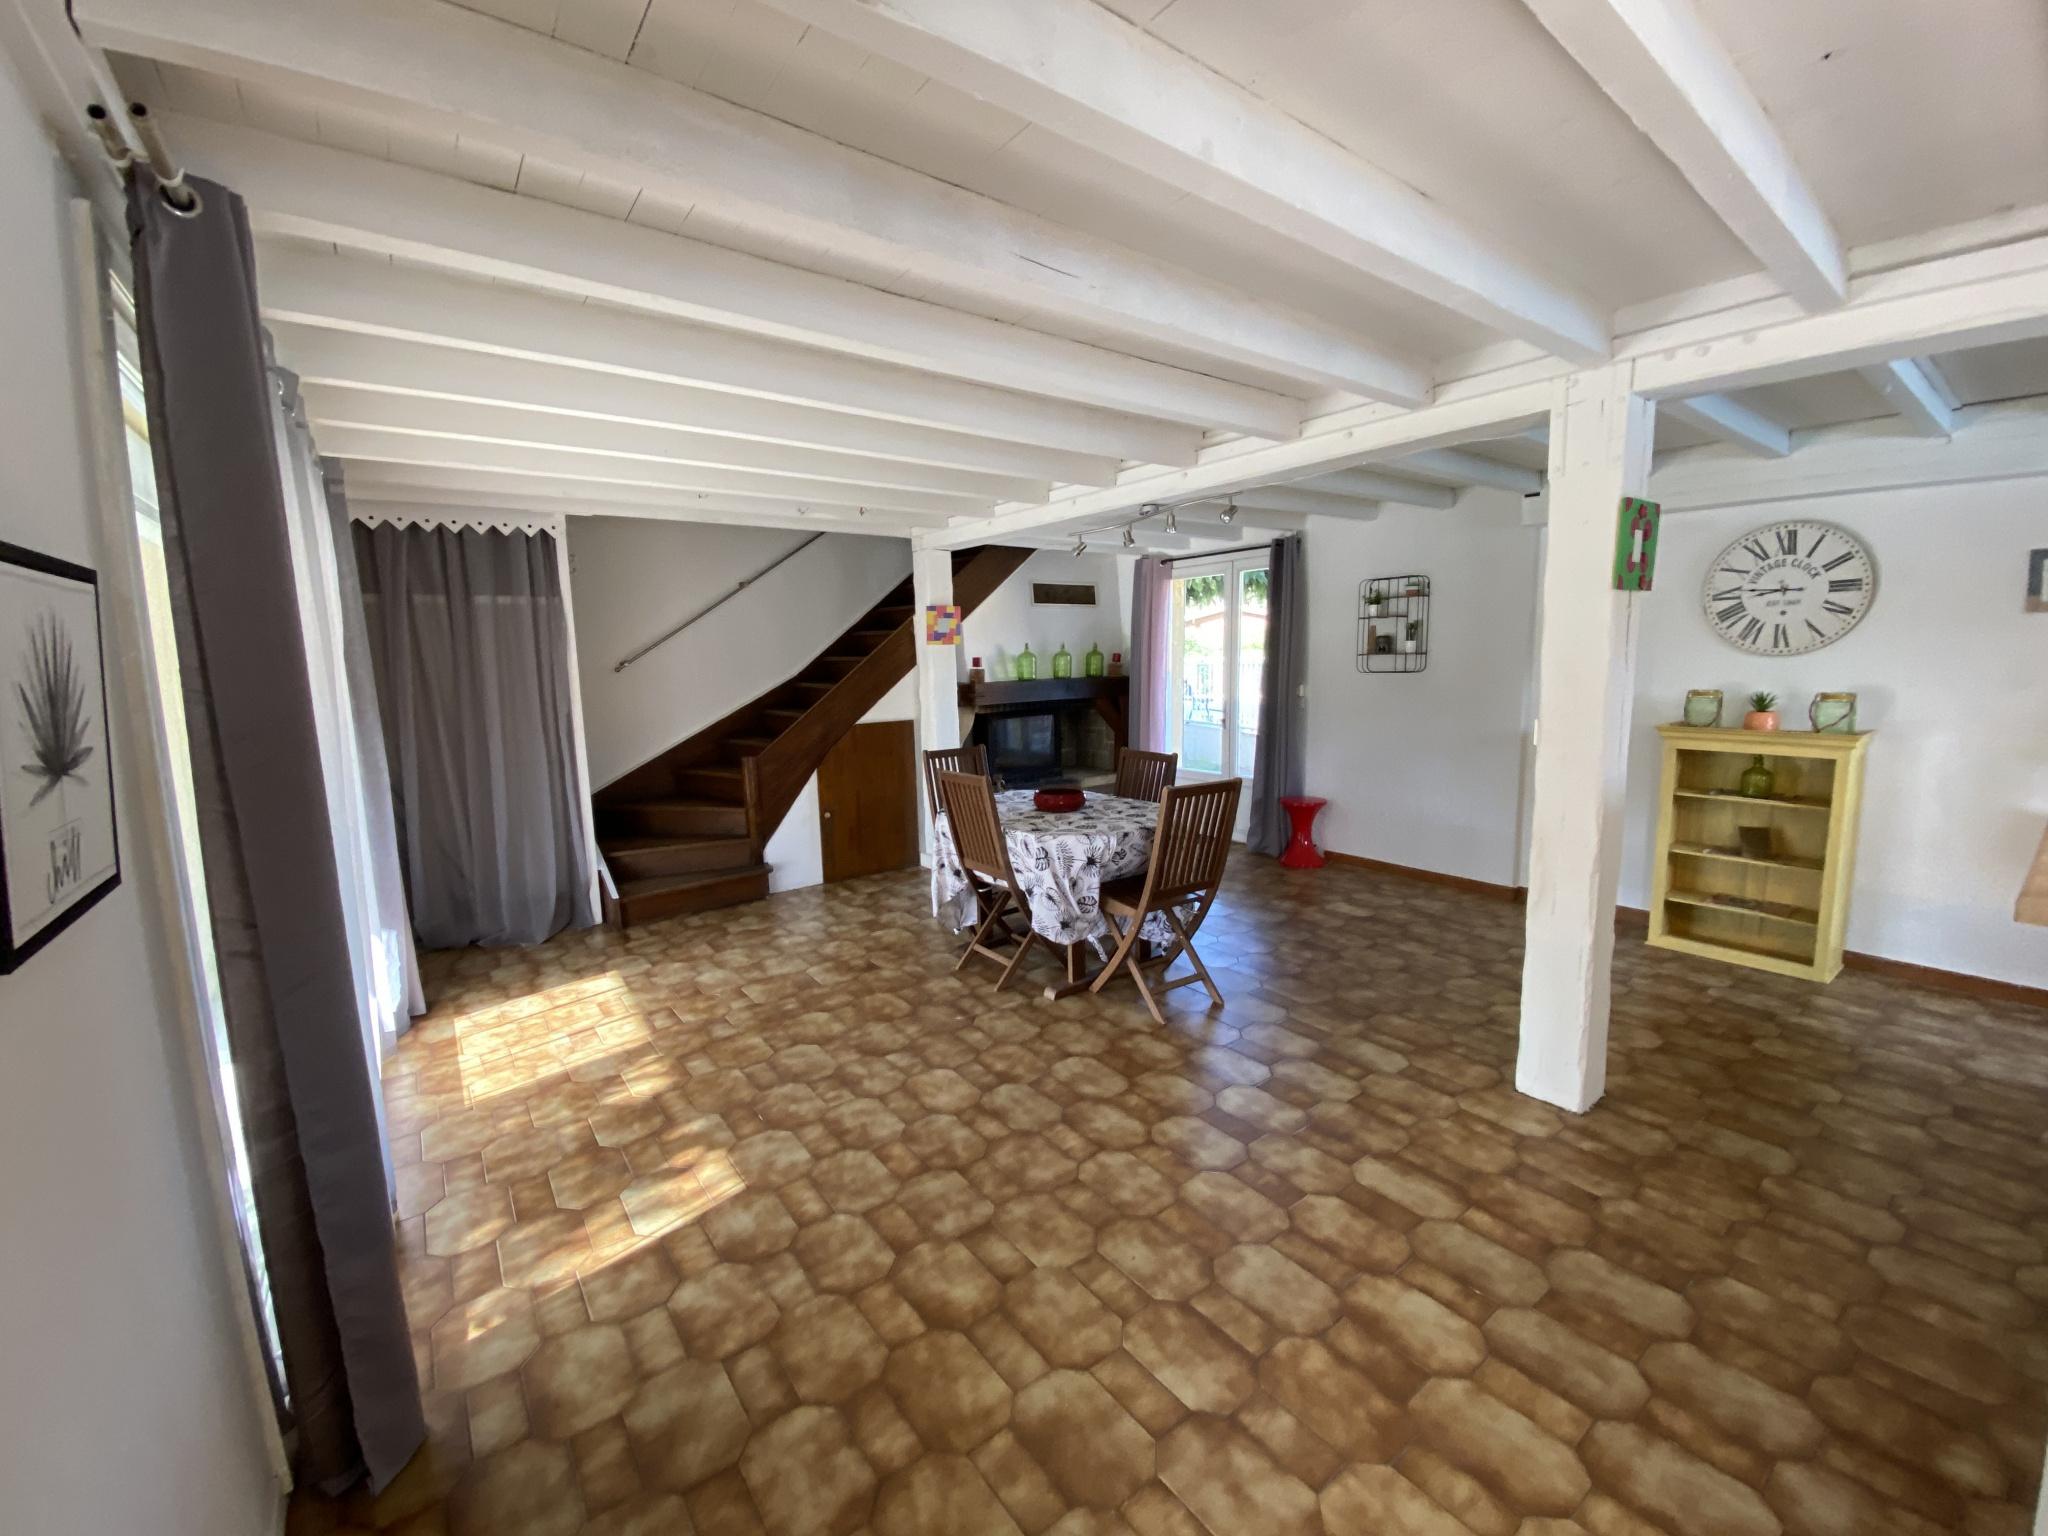 À vendre appartement de 71m2 à argeles sur mer (66700) - Photo 4'